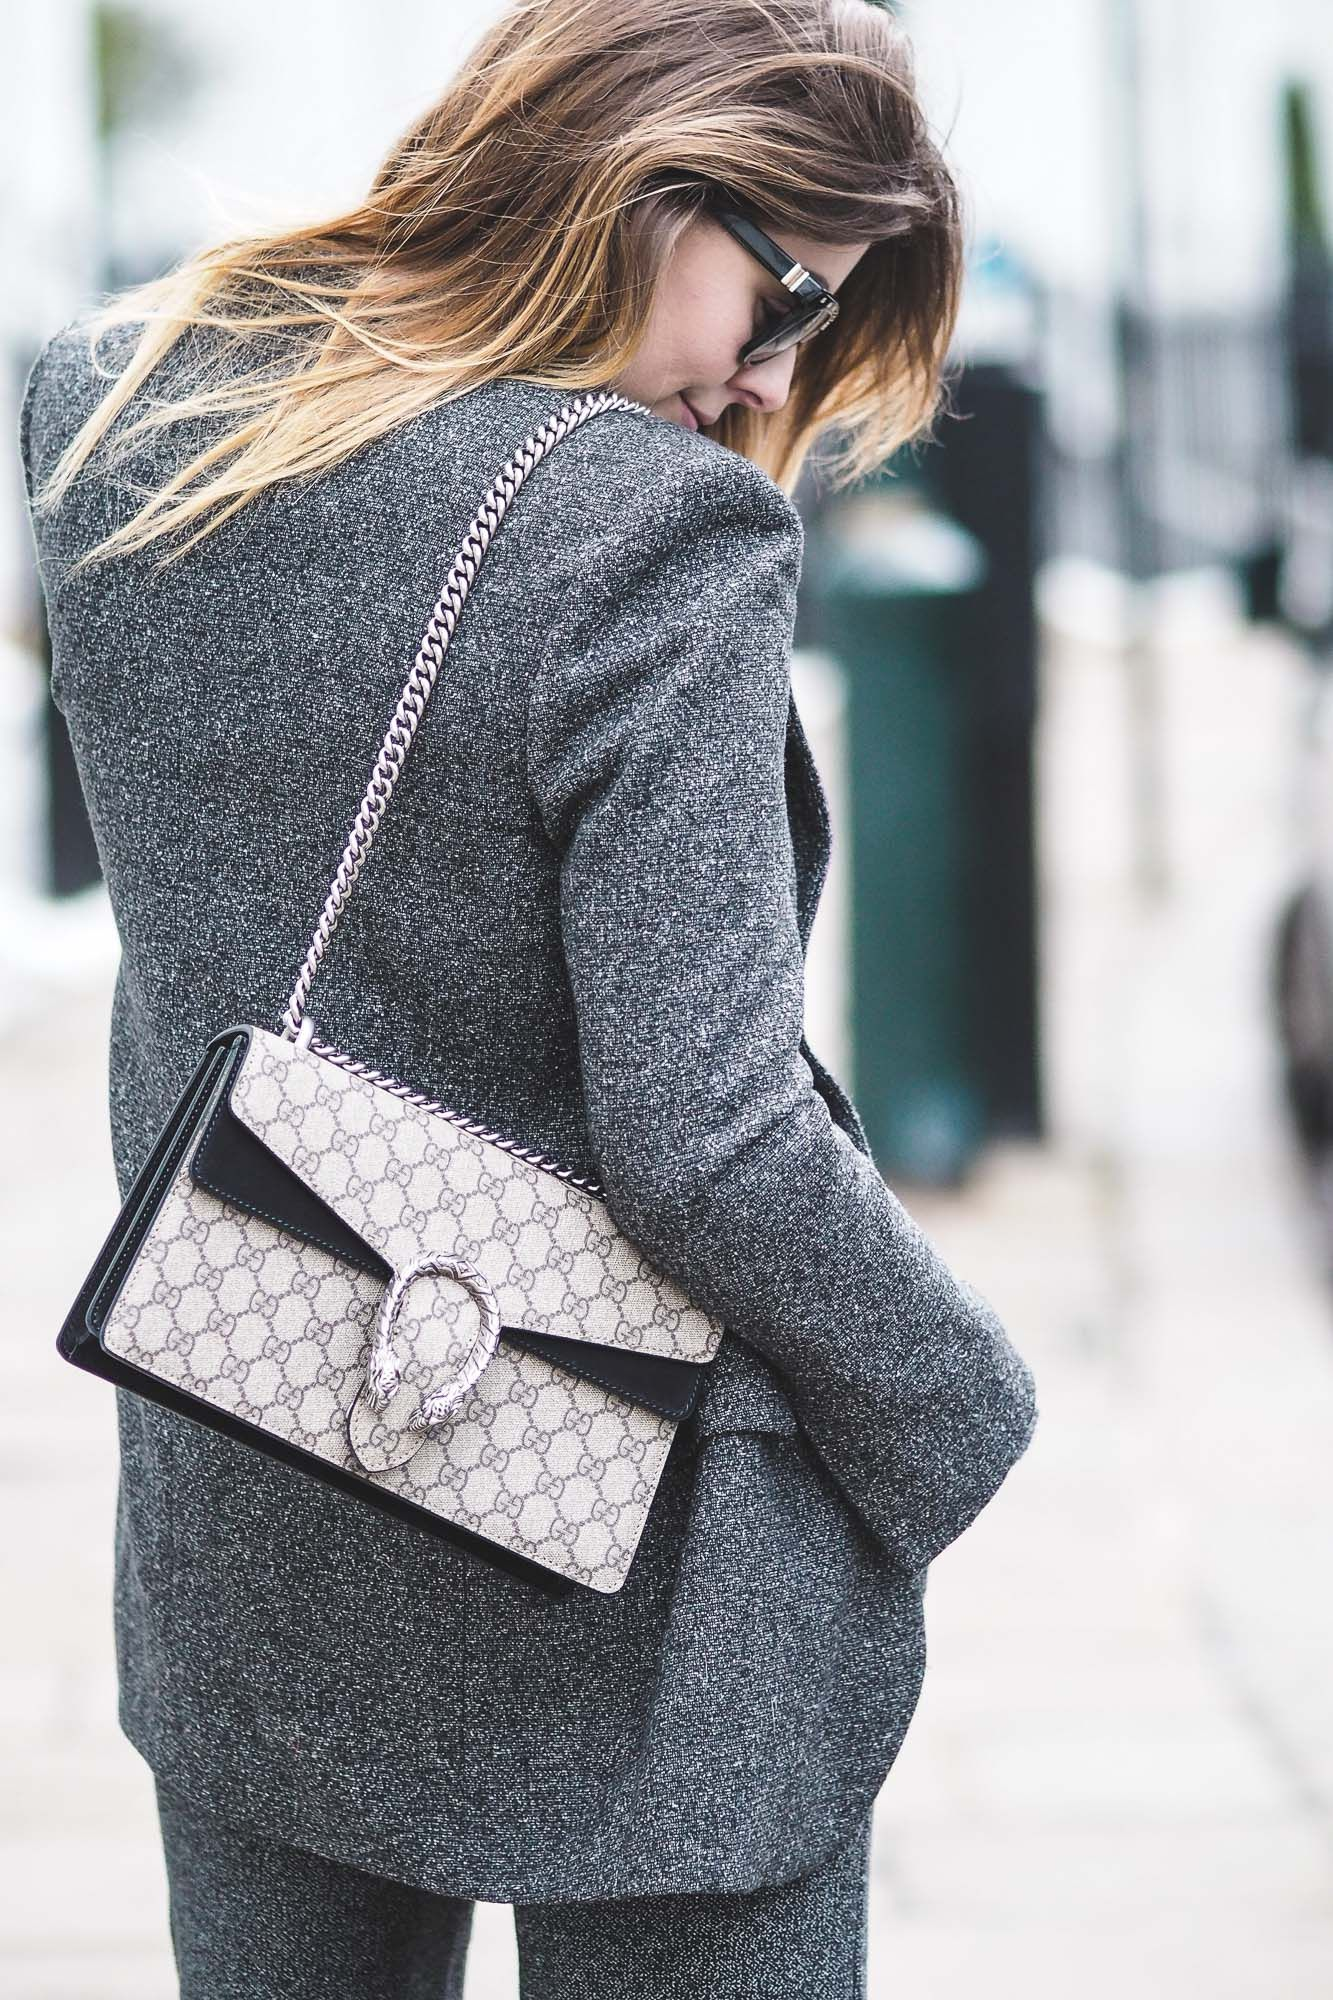 b4e8ca875 Gucci Dionysus bag, grey suit | Gucci in 2019 | Gucci handbags ...